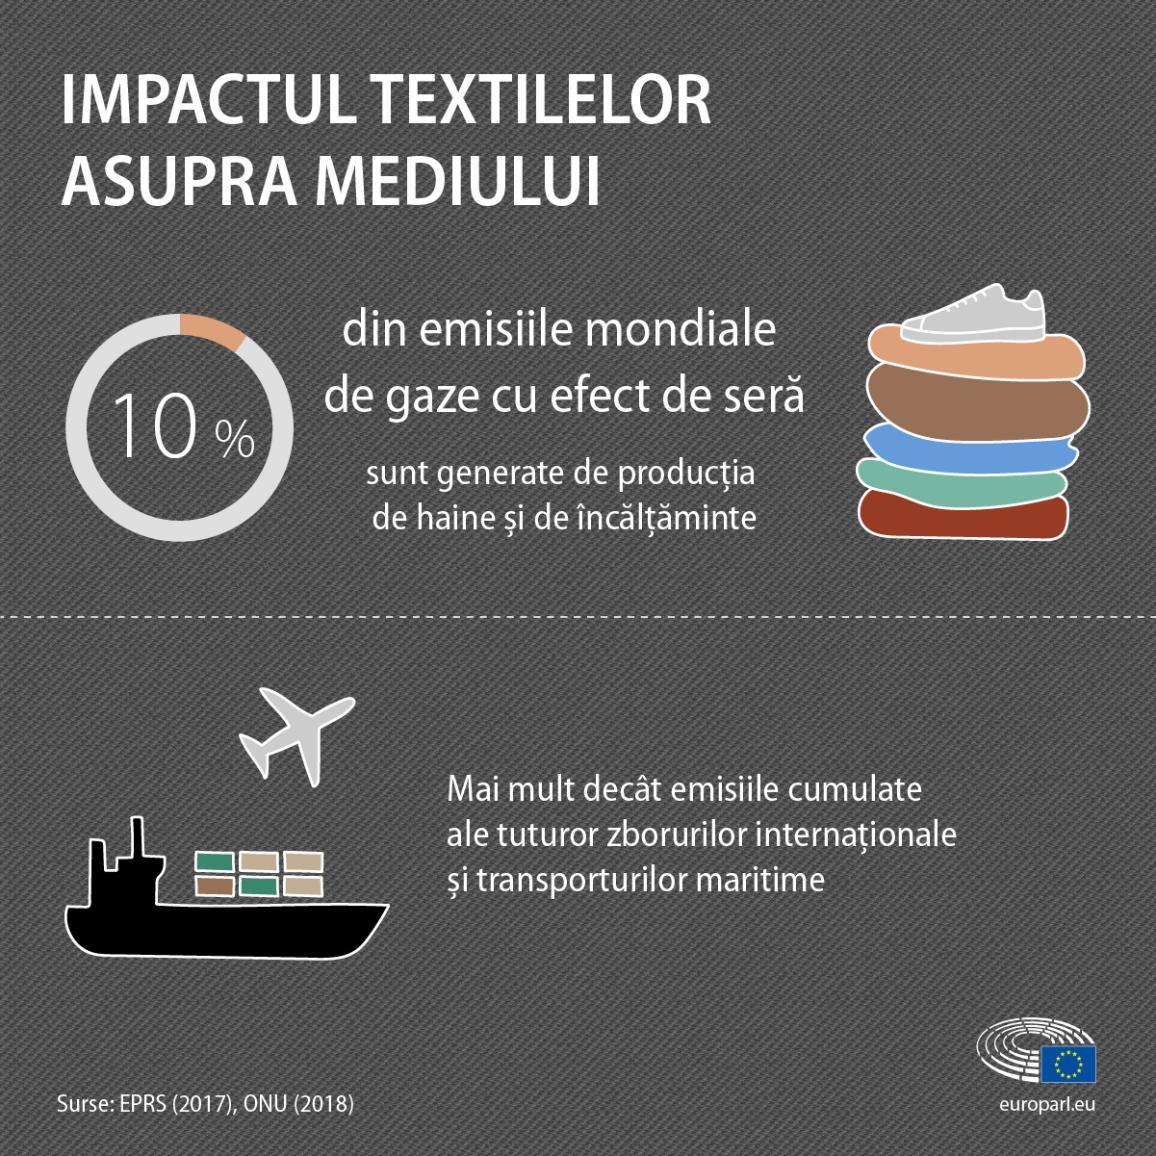 Infografic conținând informații și cifre despre impactul textilelor asupra mediului